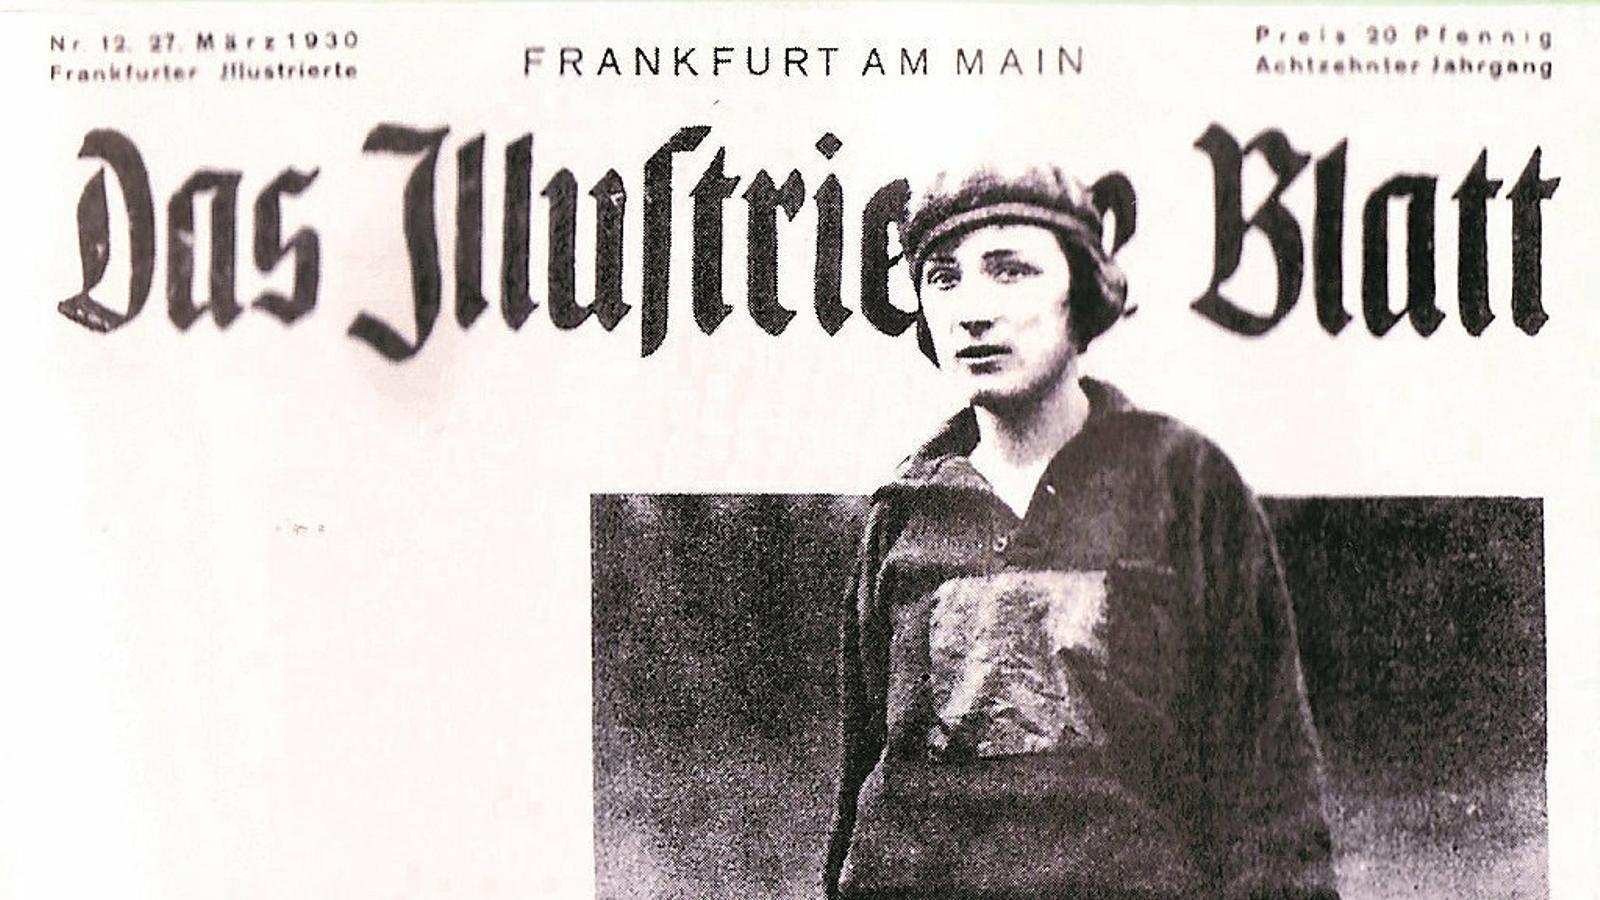 Lotte Specht en una revista dels anys 30.